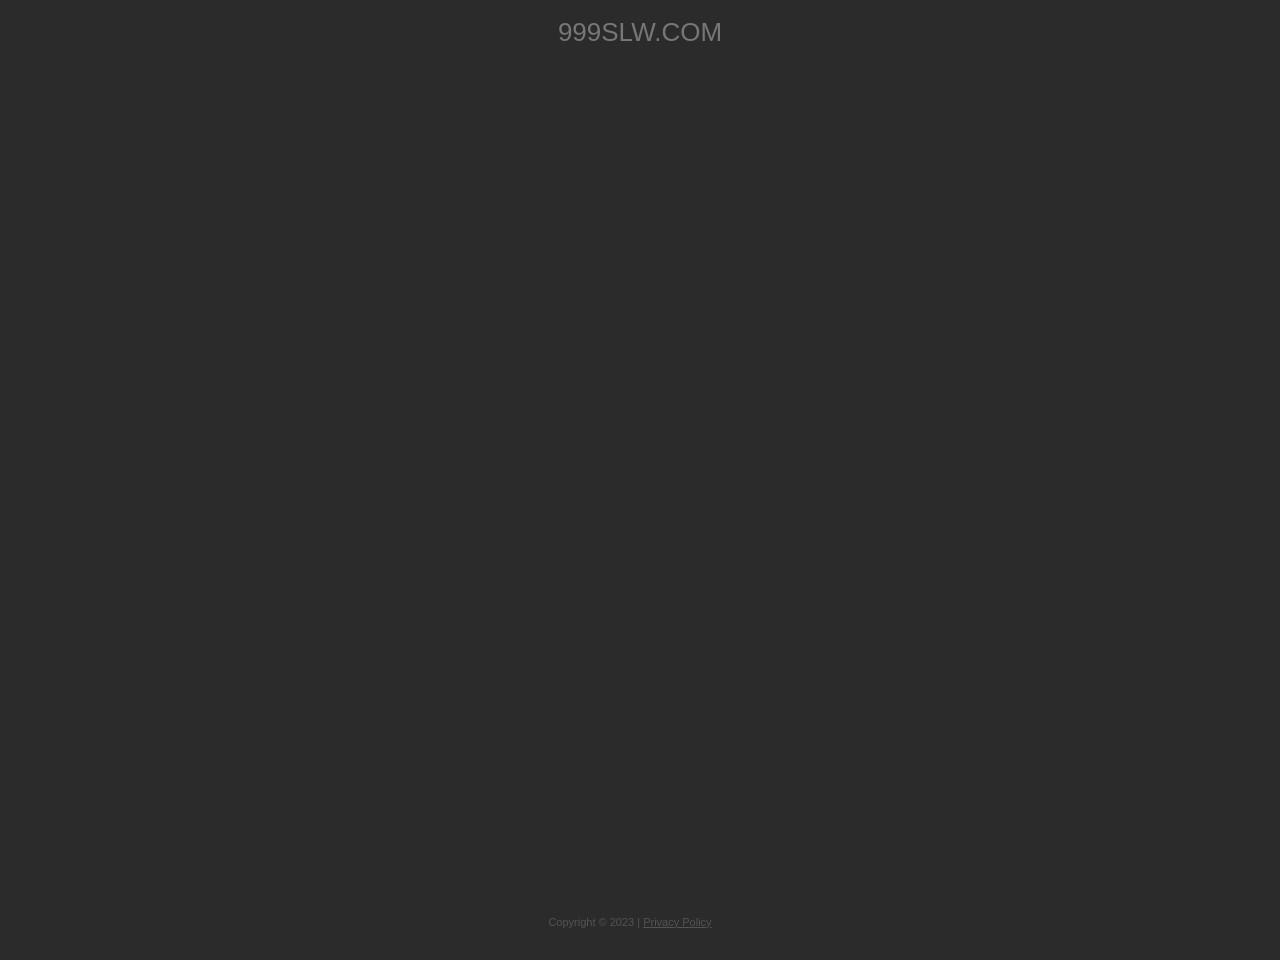 自动收录网-自动收录网,免审核,免提交,直链显示,挂上本站链